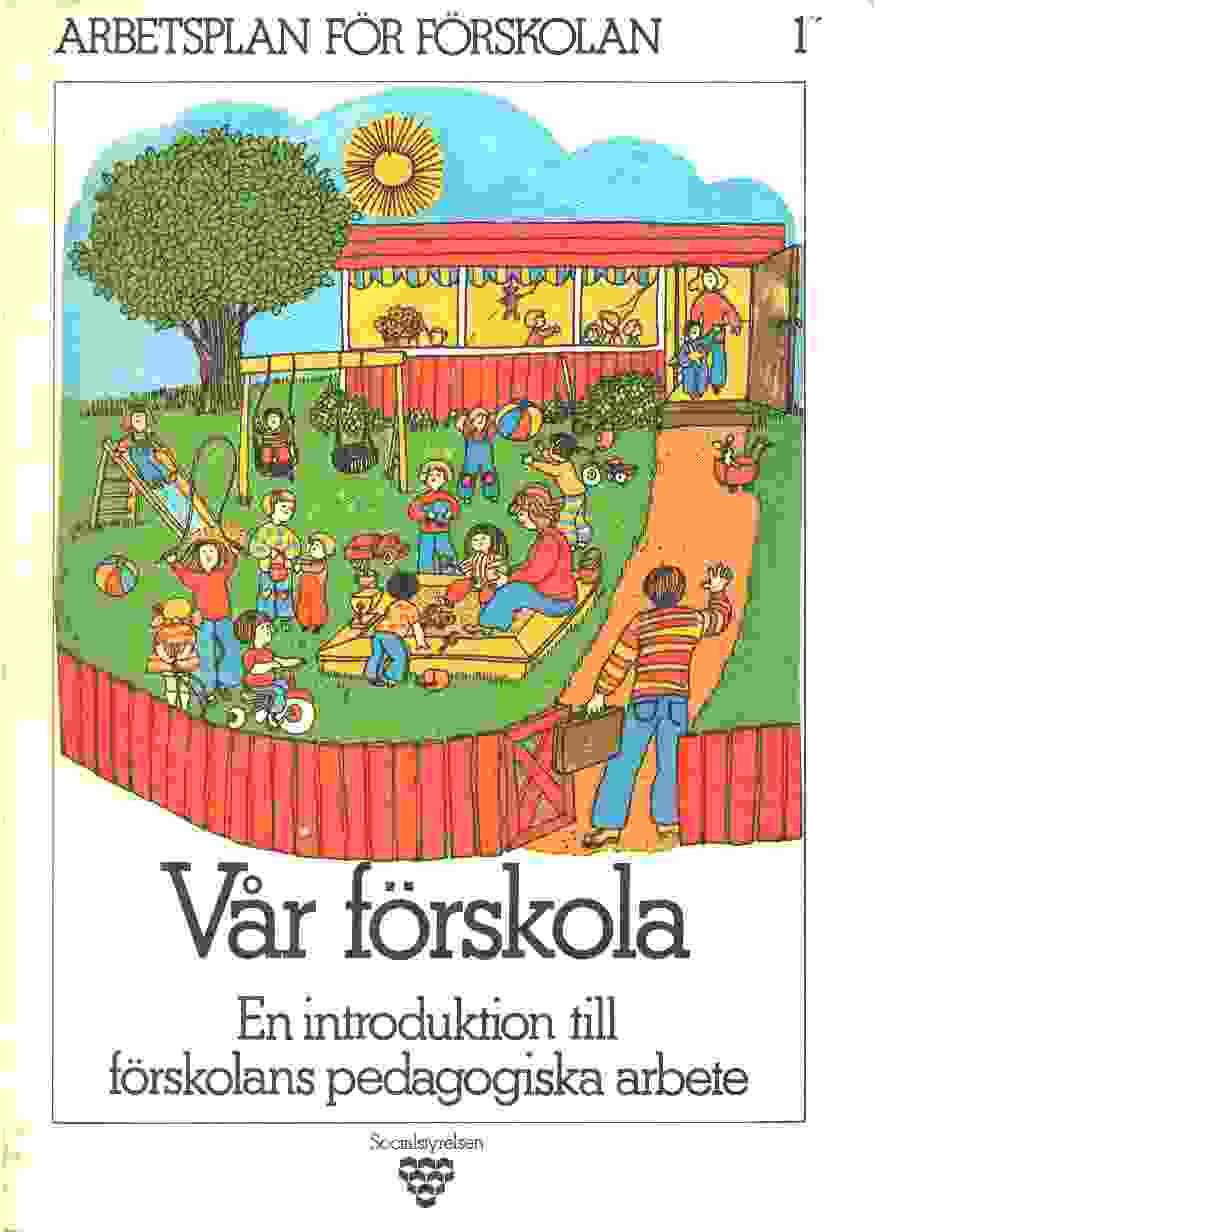 Arbetsplan för förskolan. 1, Vår förskola : en introduktion till förskolans pedagogiska arbete - Red. Sverige. Socialstyrelsen